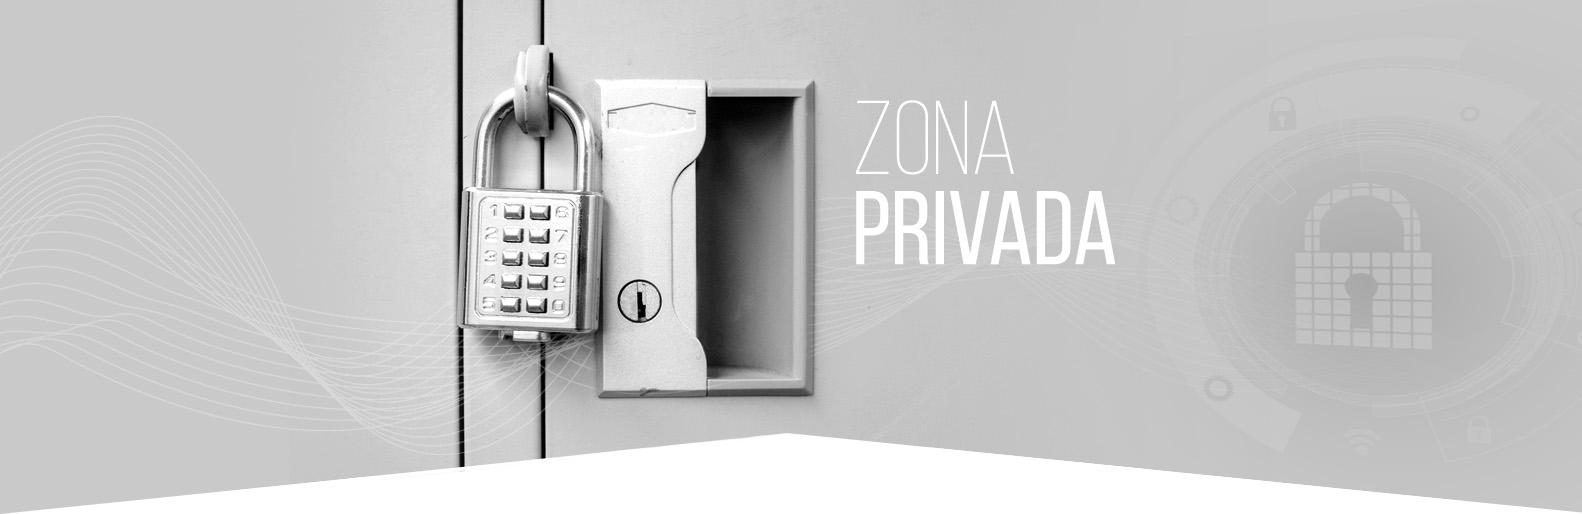 Zona Privada